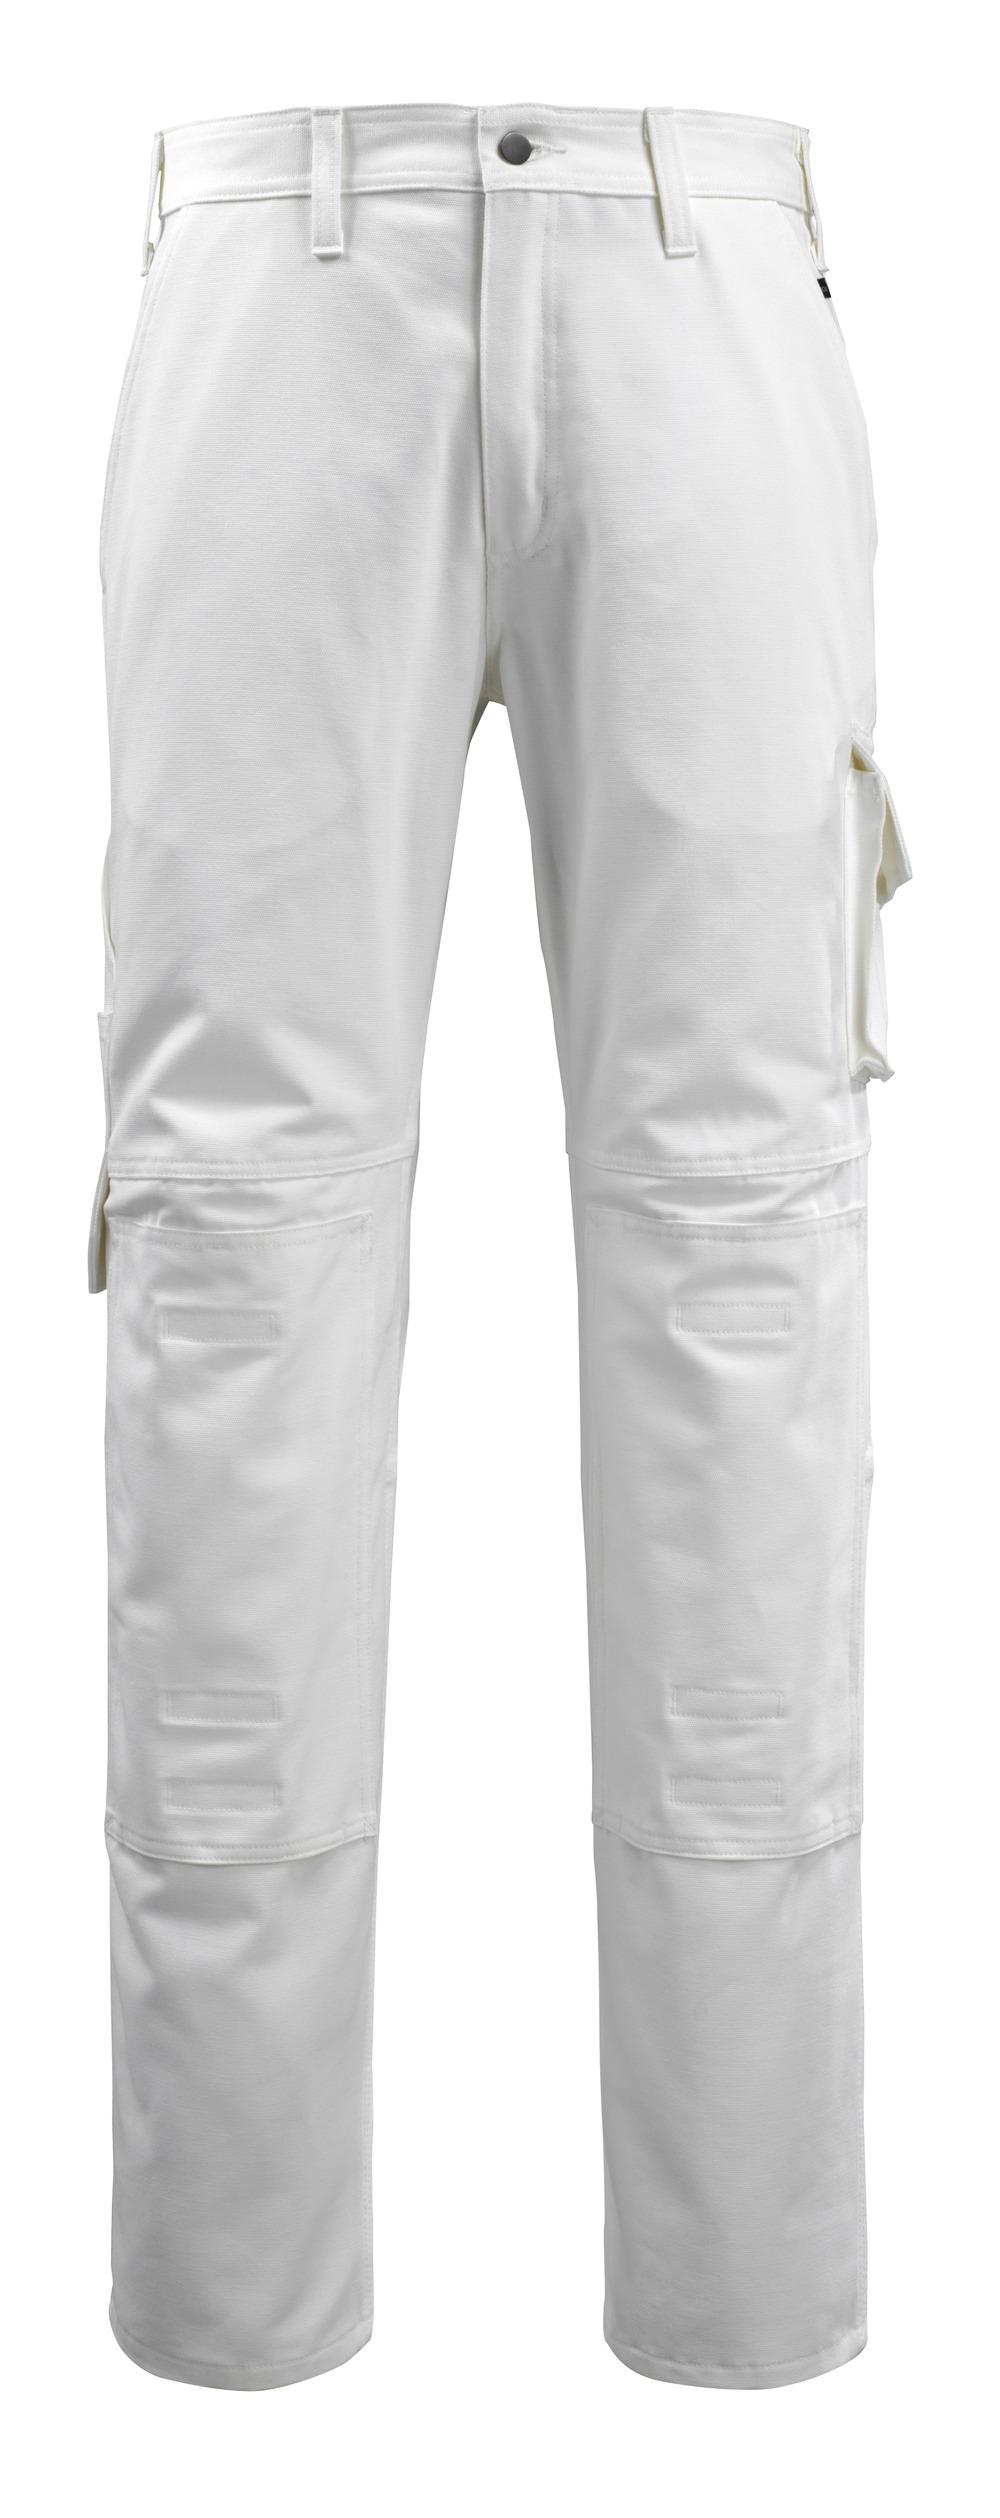 14579-197-06 Hose mit Knietaschen - Weiß